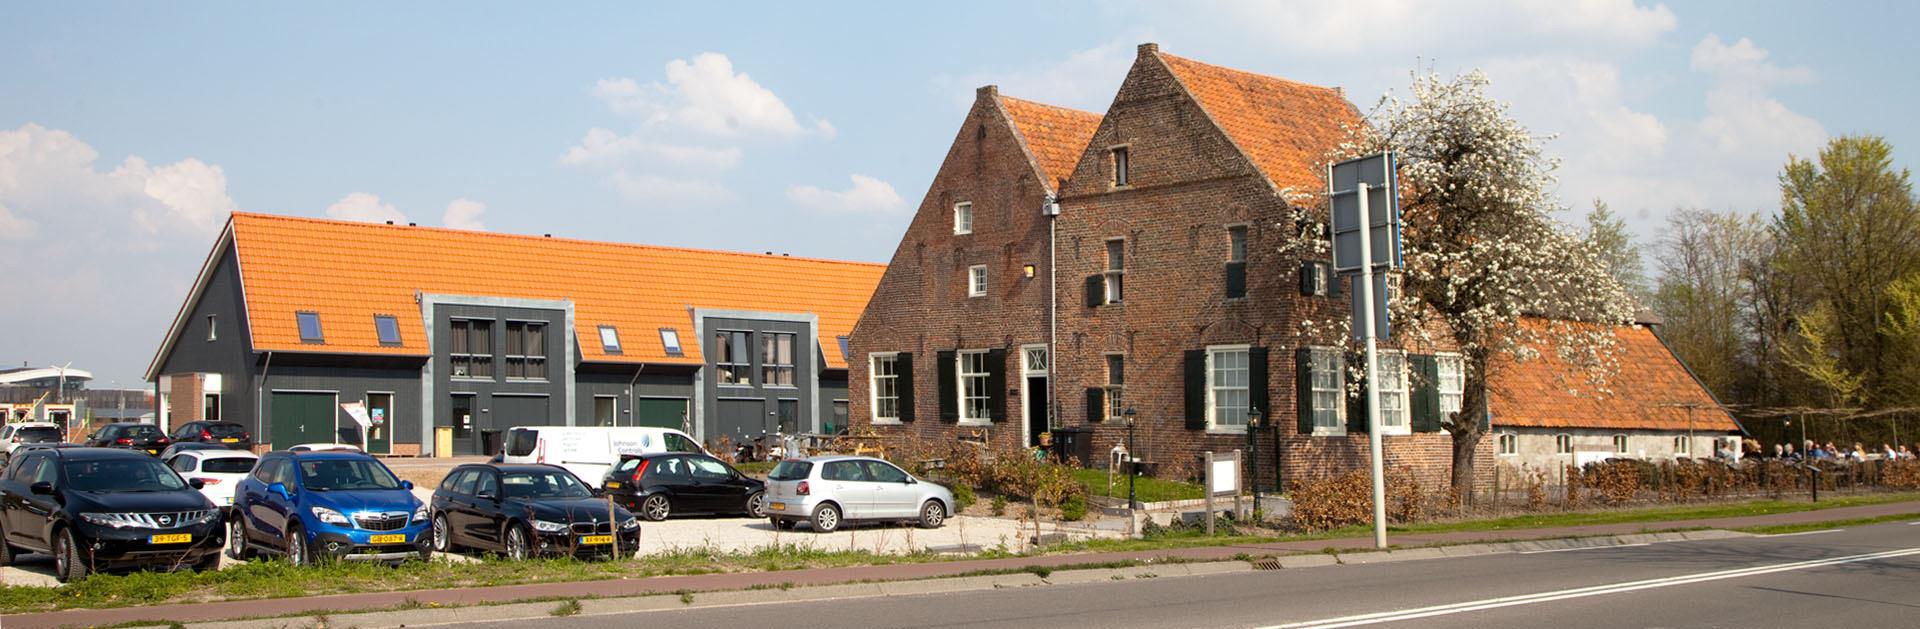 Huis Hamerden - Westervoort